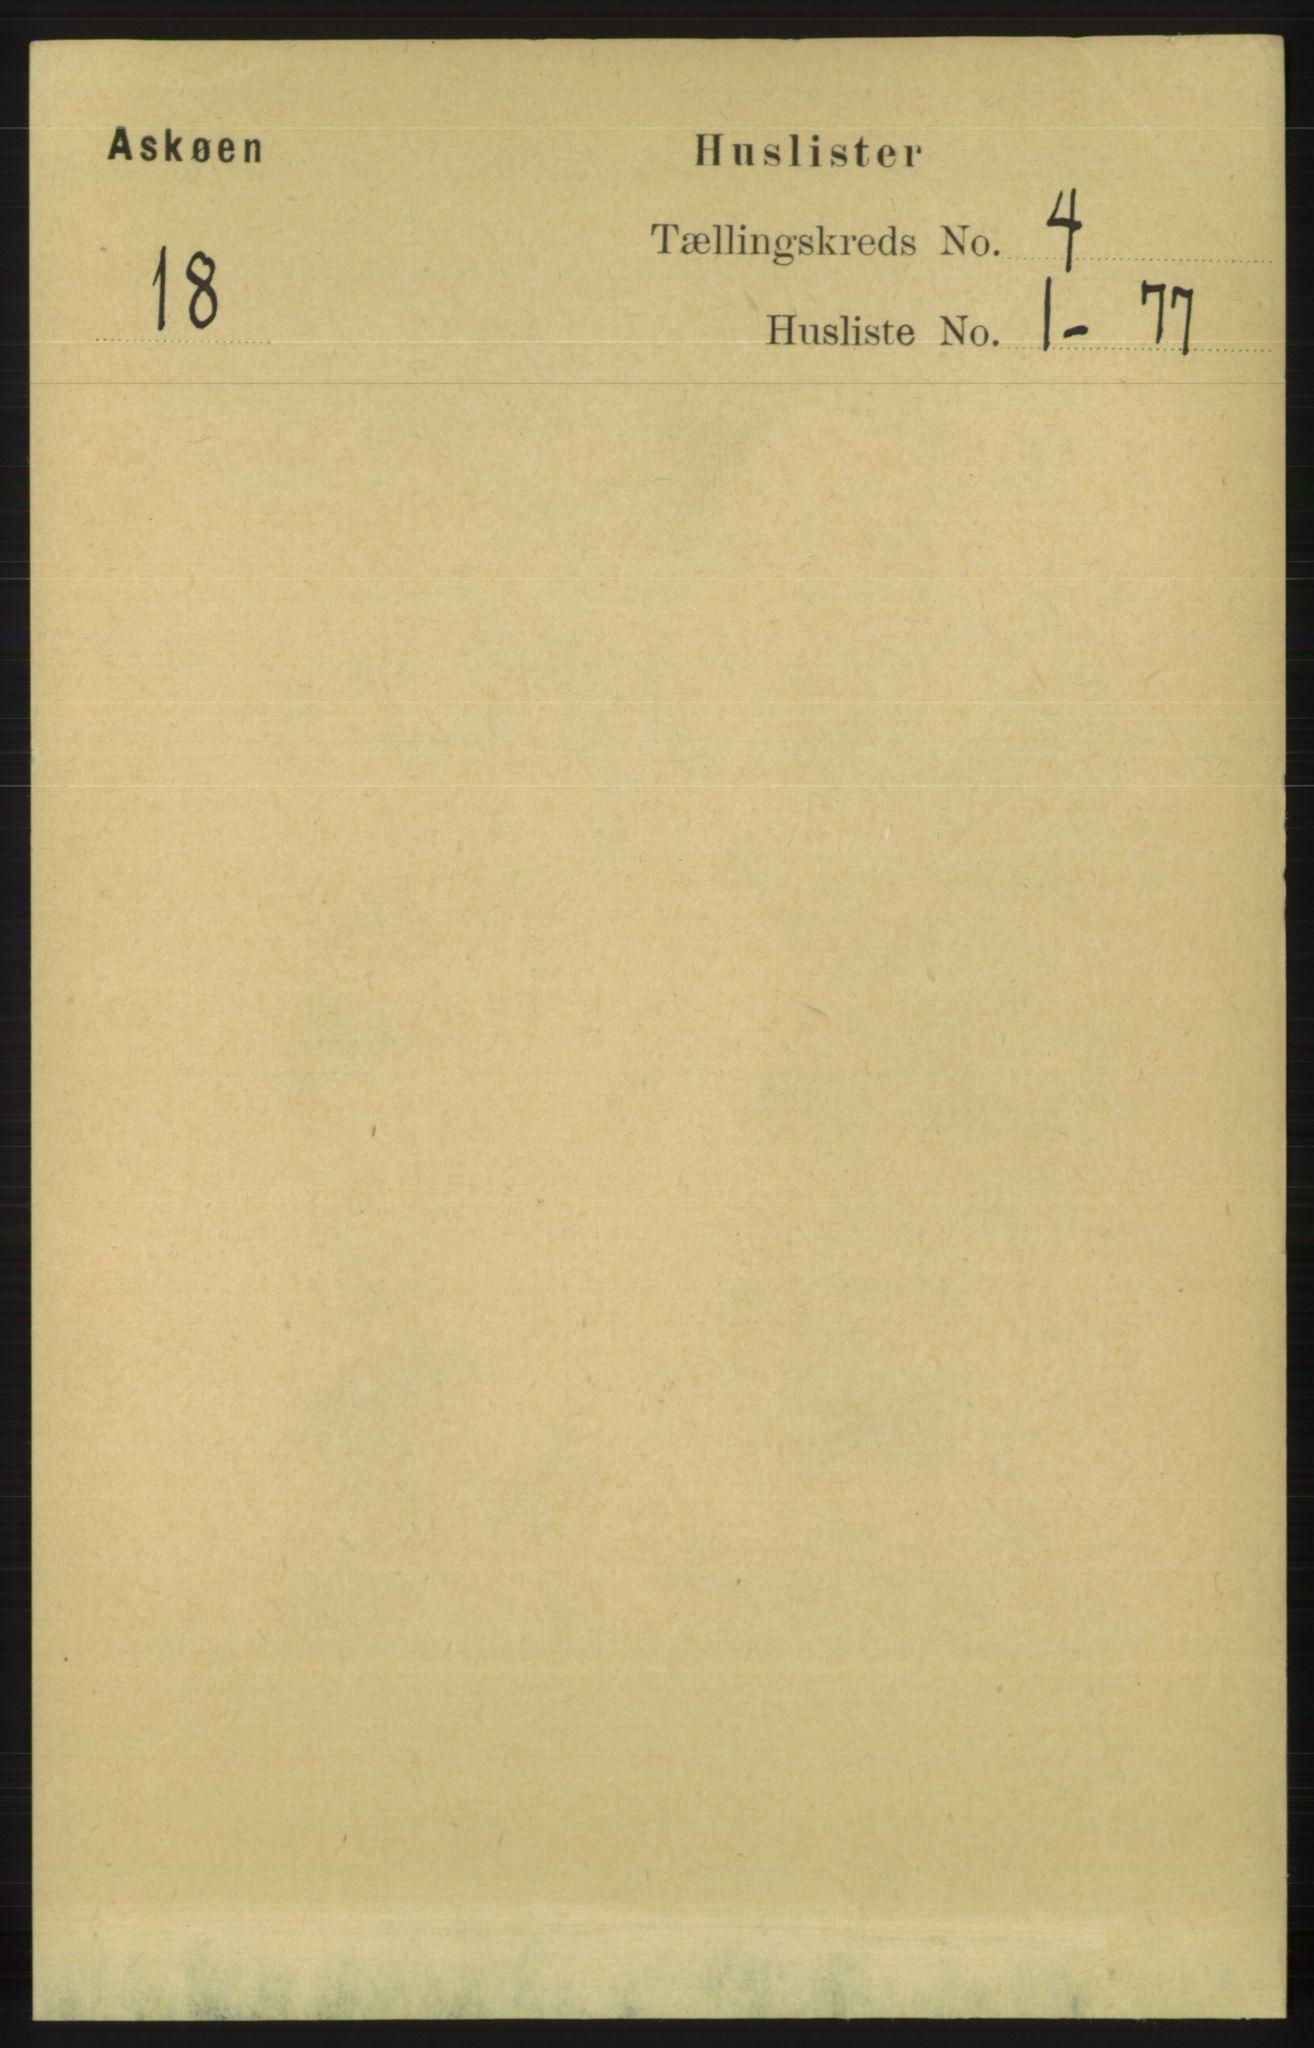 RA, Folketelling 1891 for 1247 Askøy herred, 1891, s. 2808